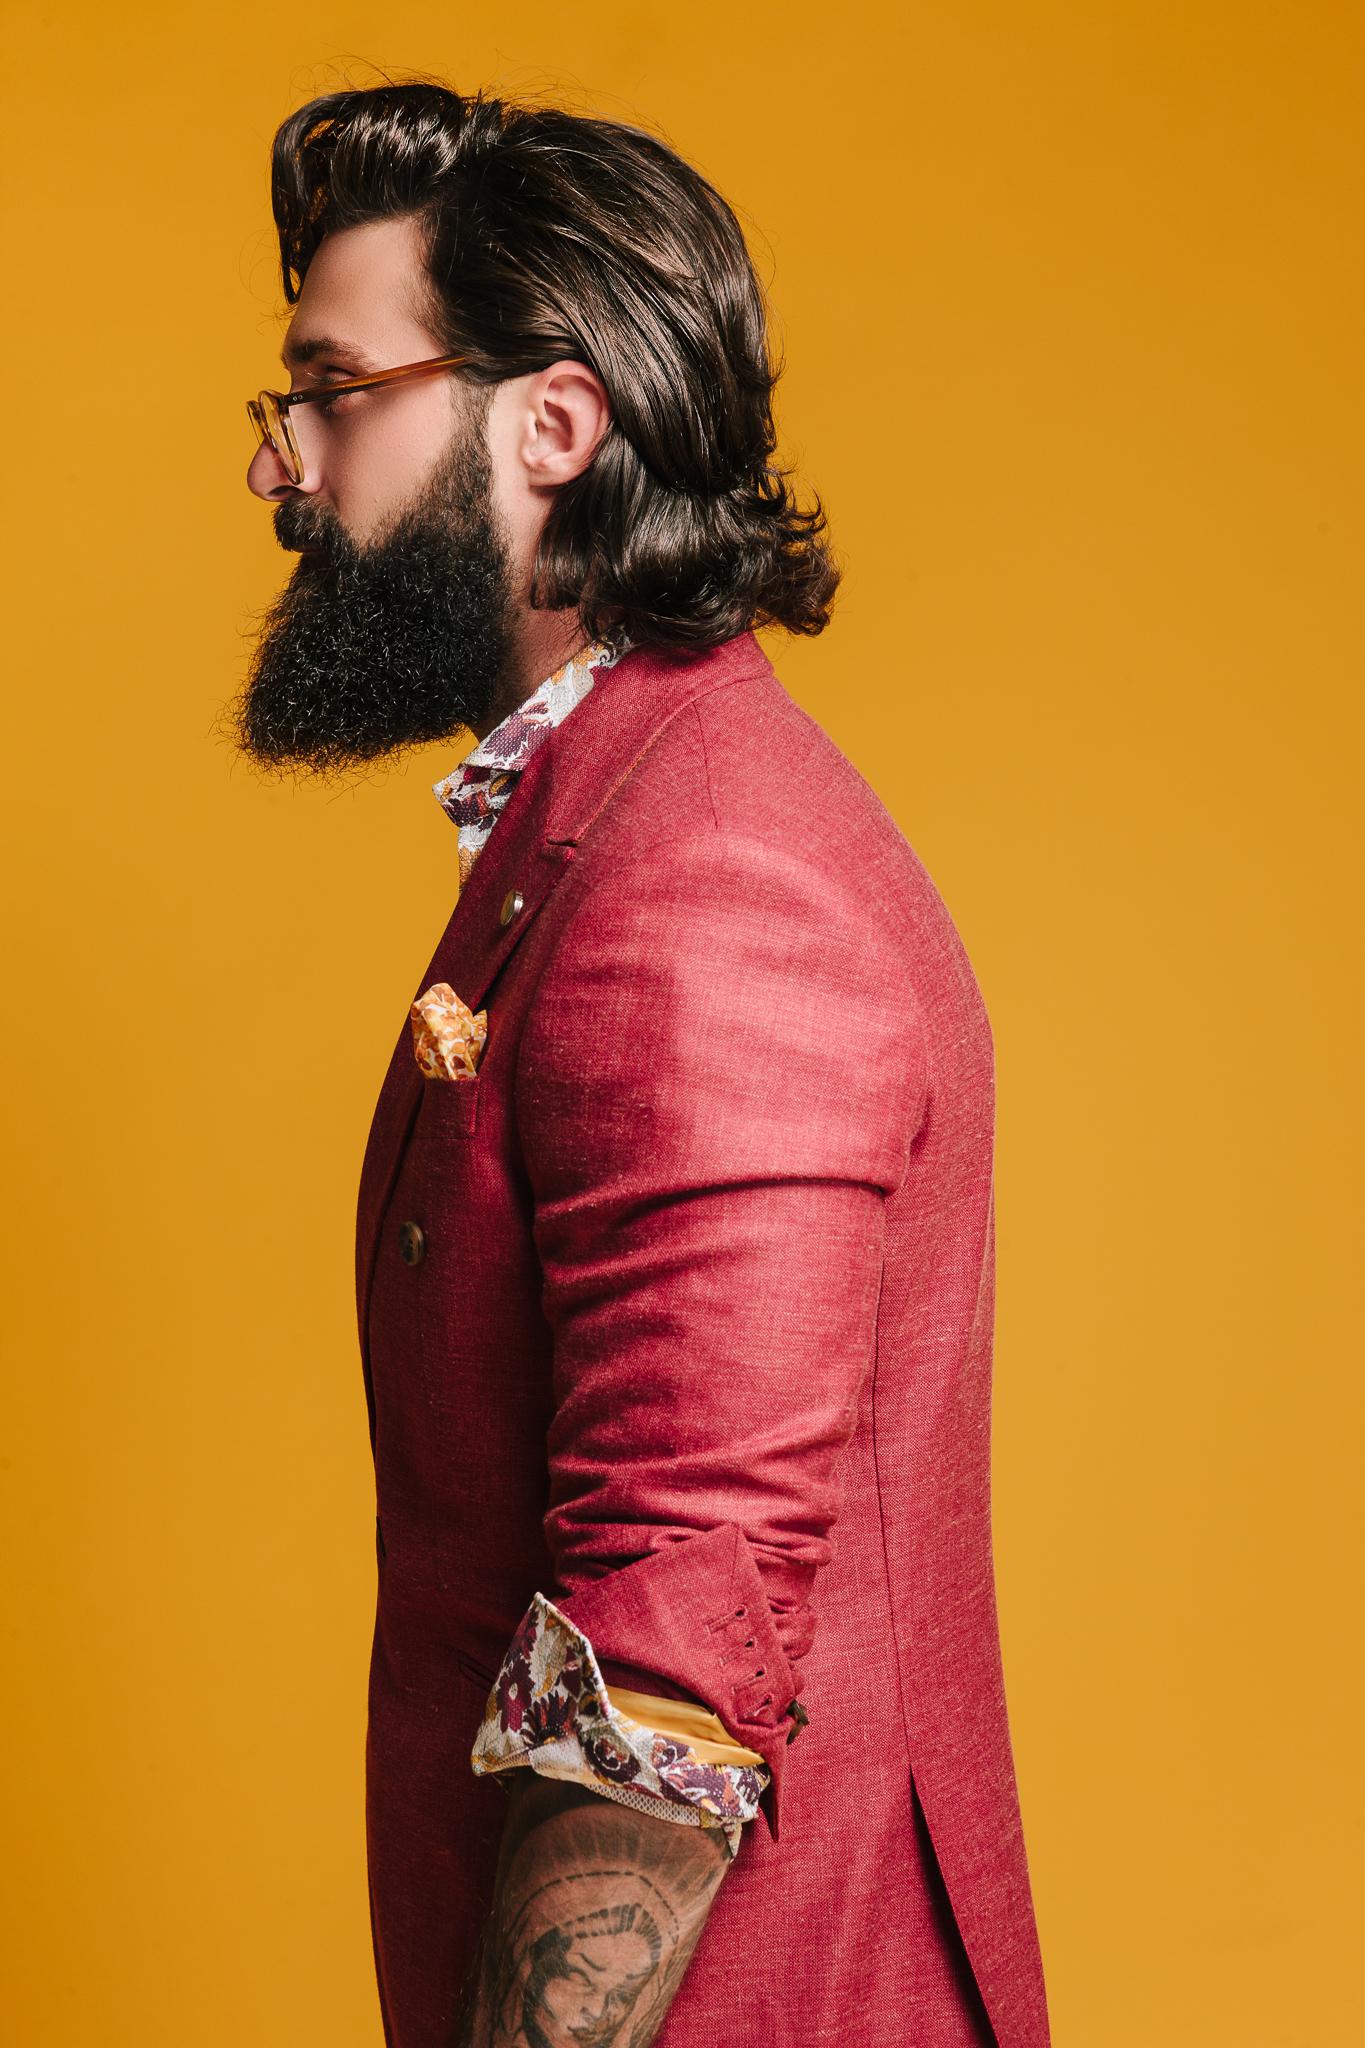 Modebild för Castor Pollux Röd kavaj mot gul bakgrund, reklam